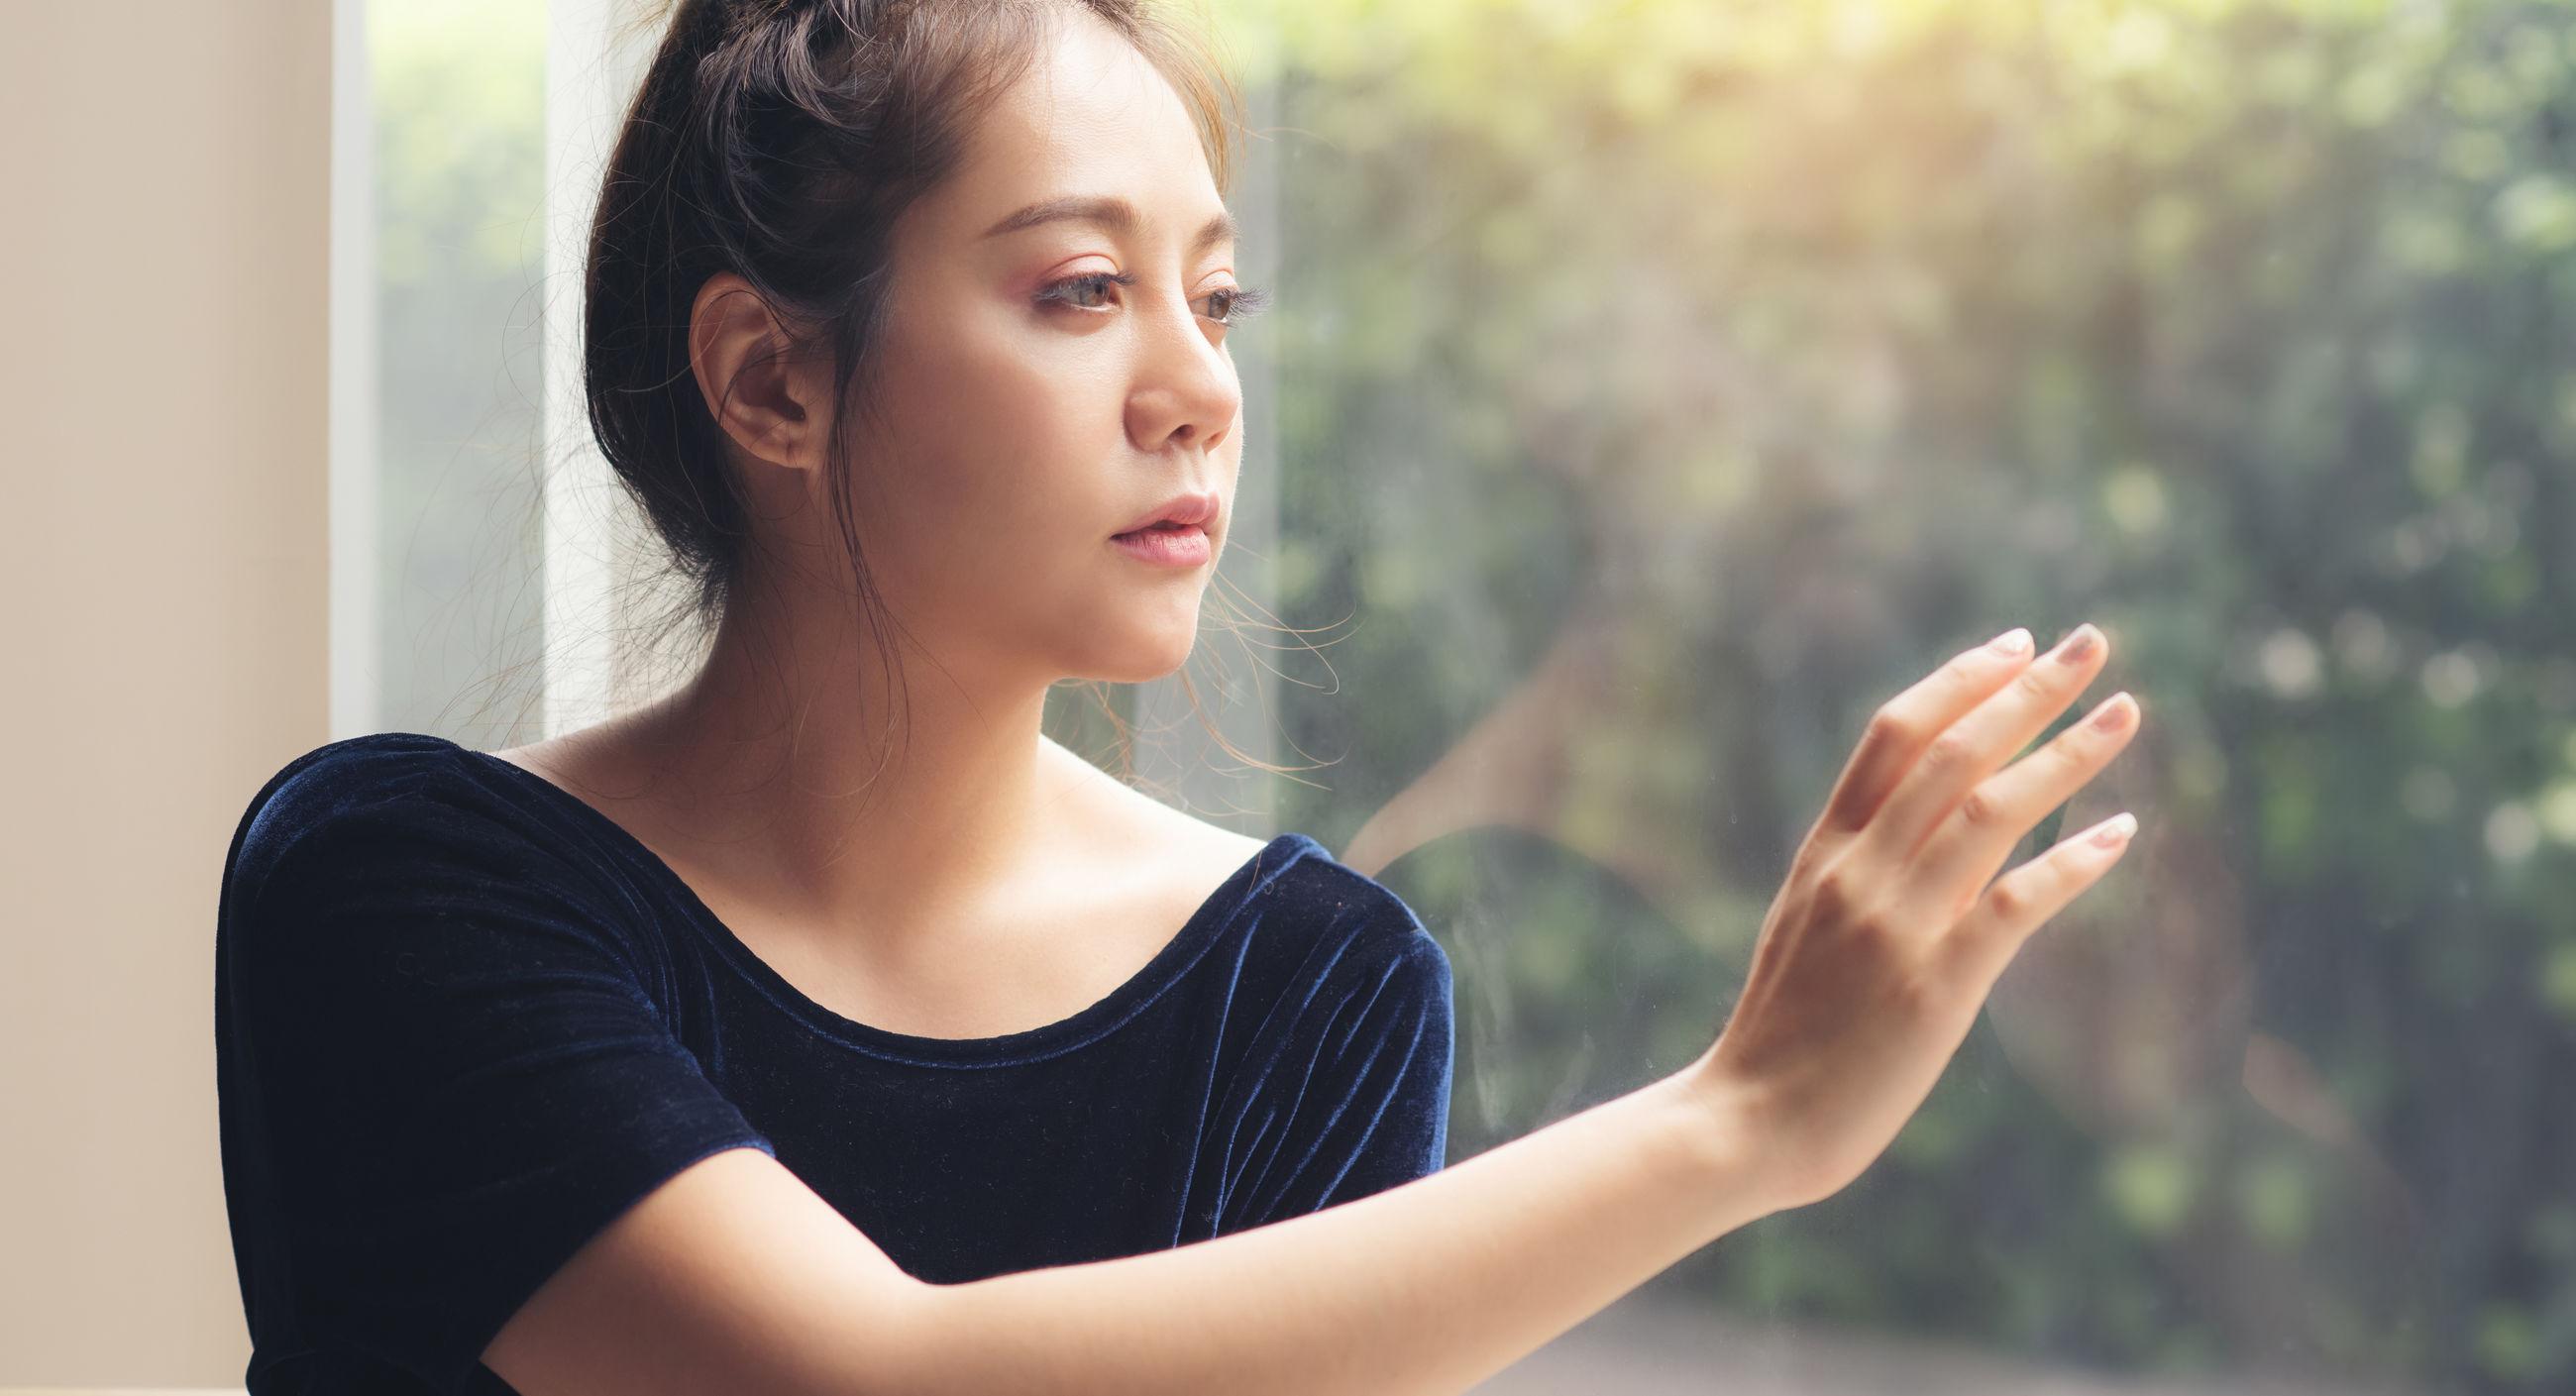 Beautiful young woman looking away through window